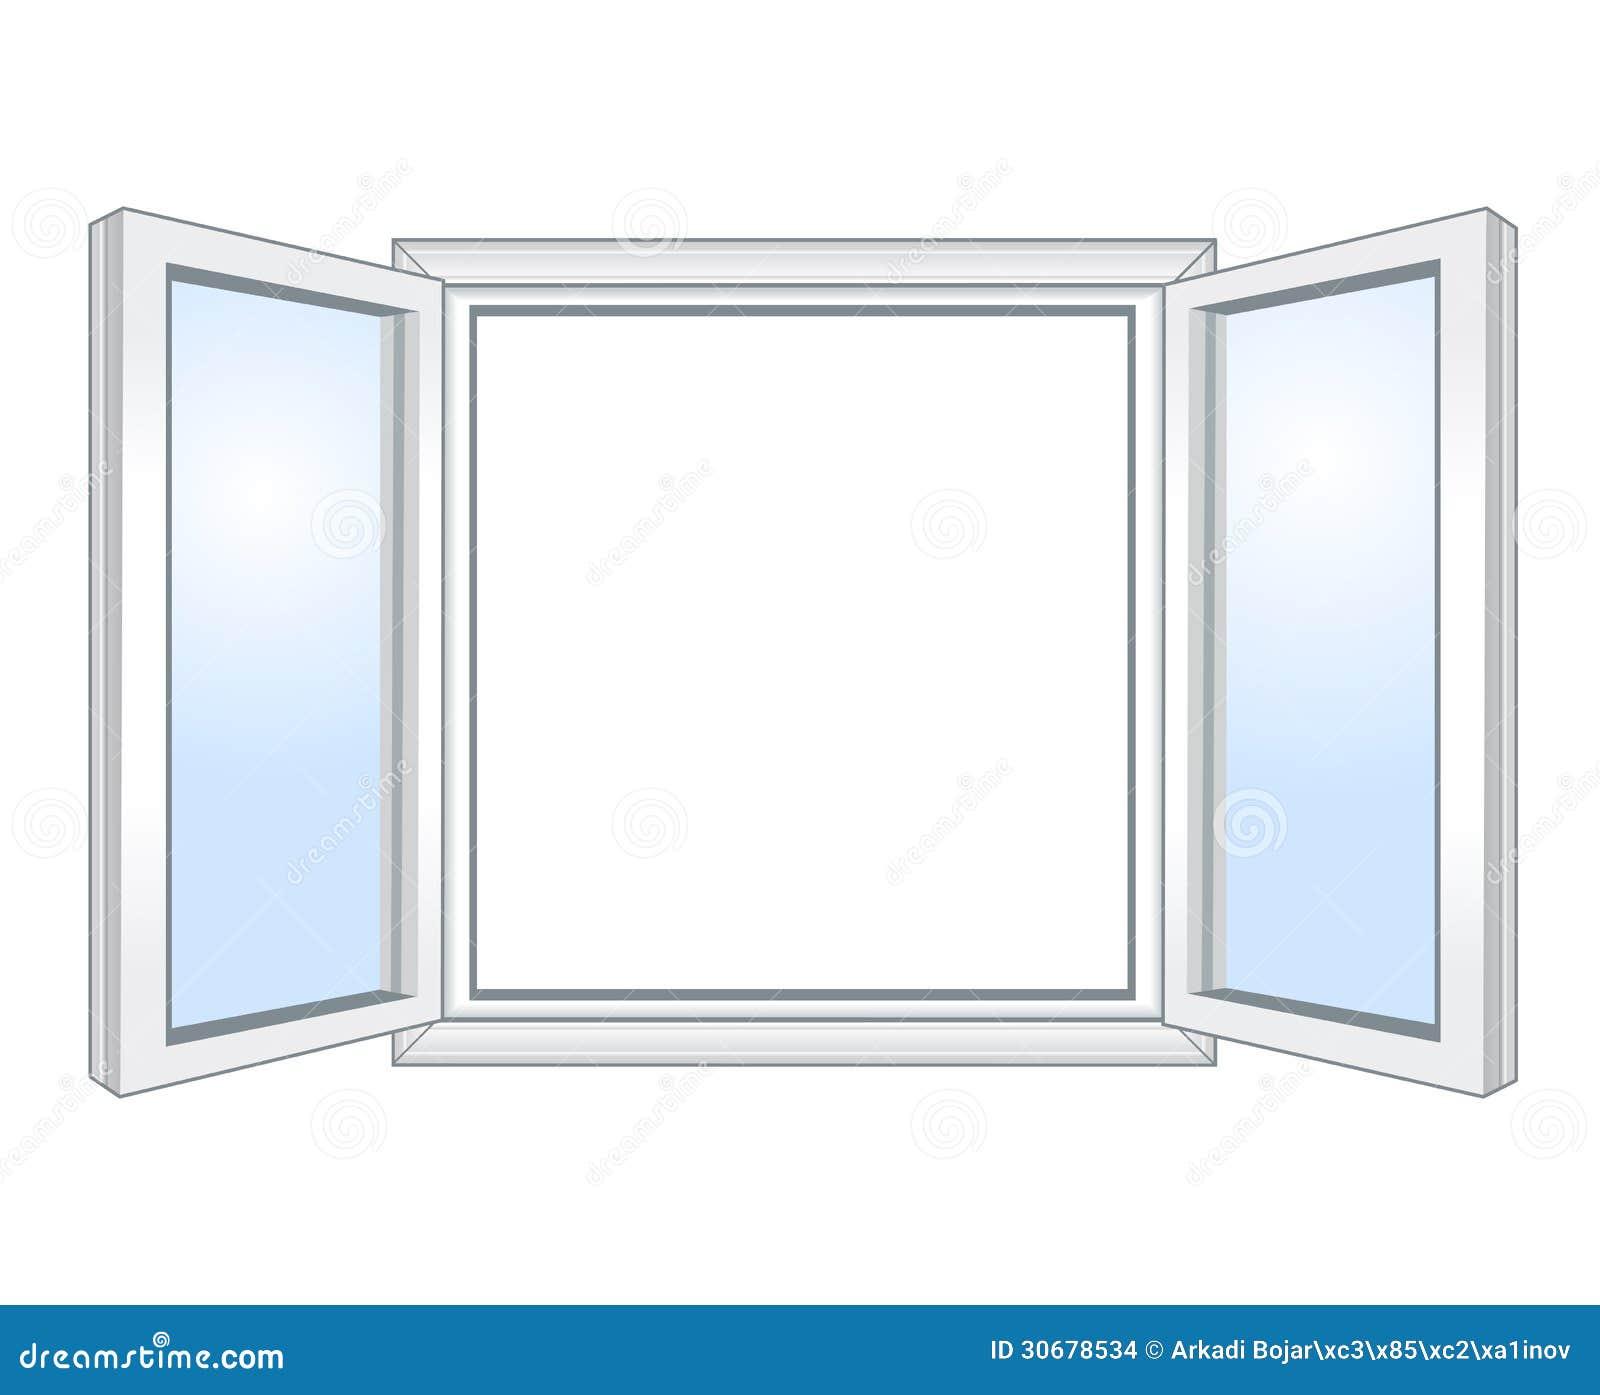 Offenes fenster gezeichnet  Offenes Fenster | harzite.com